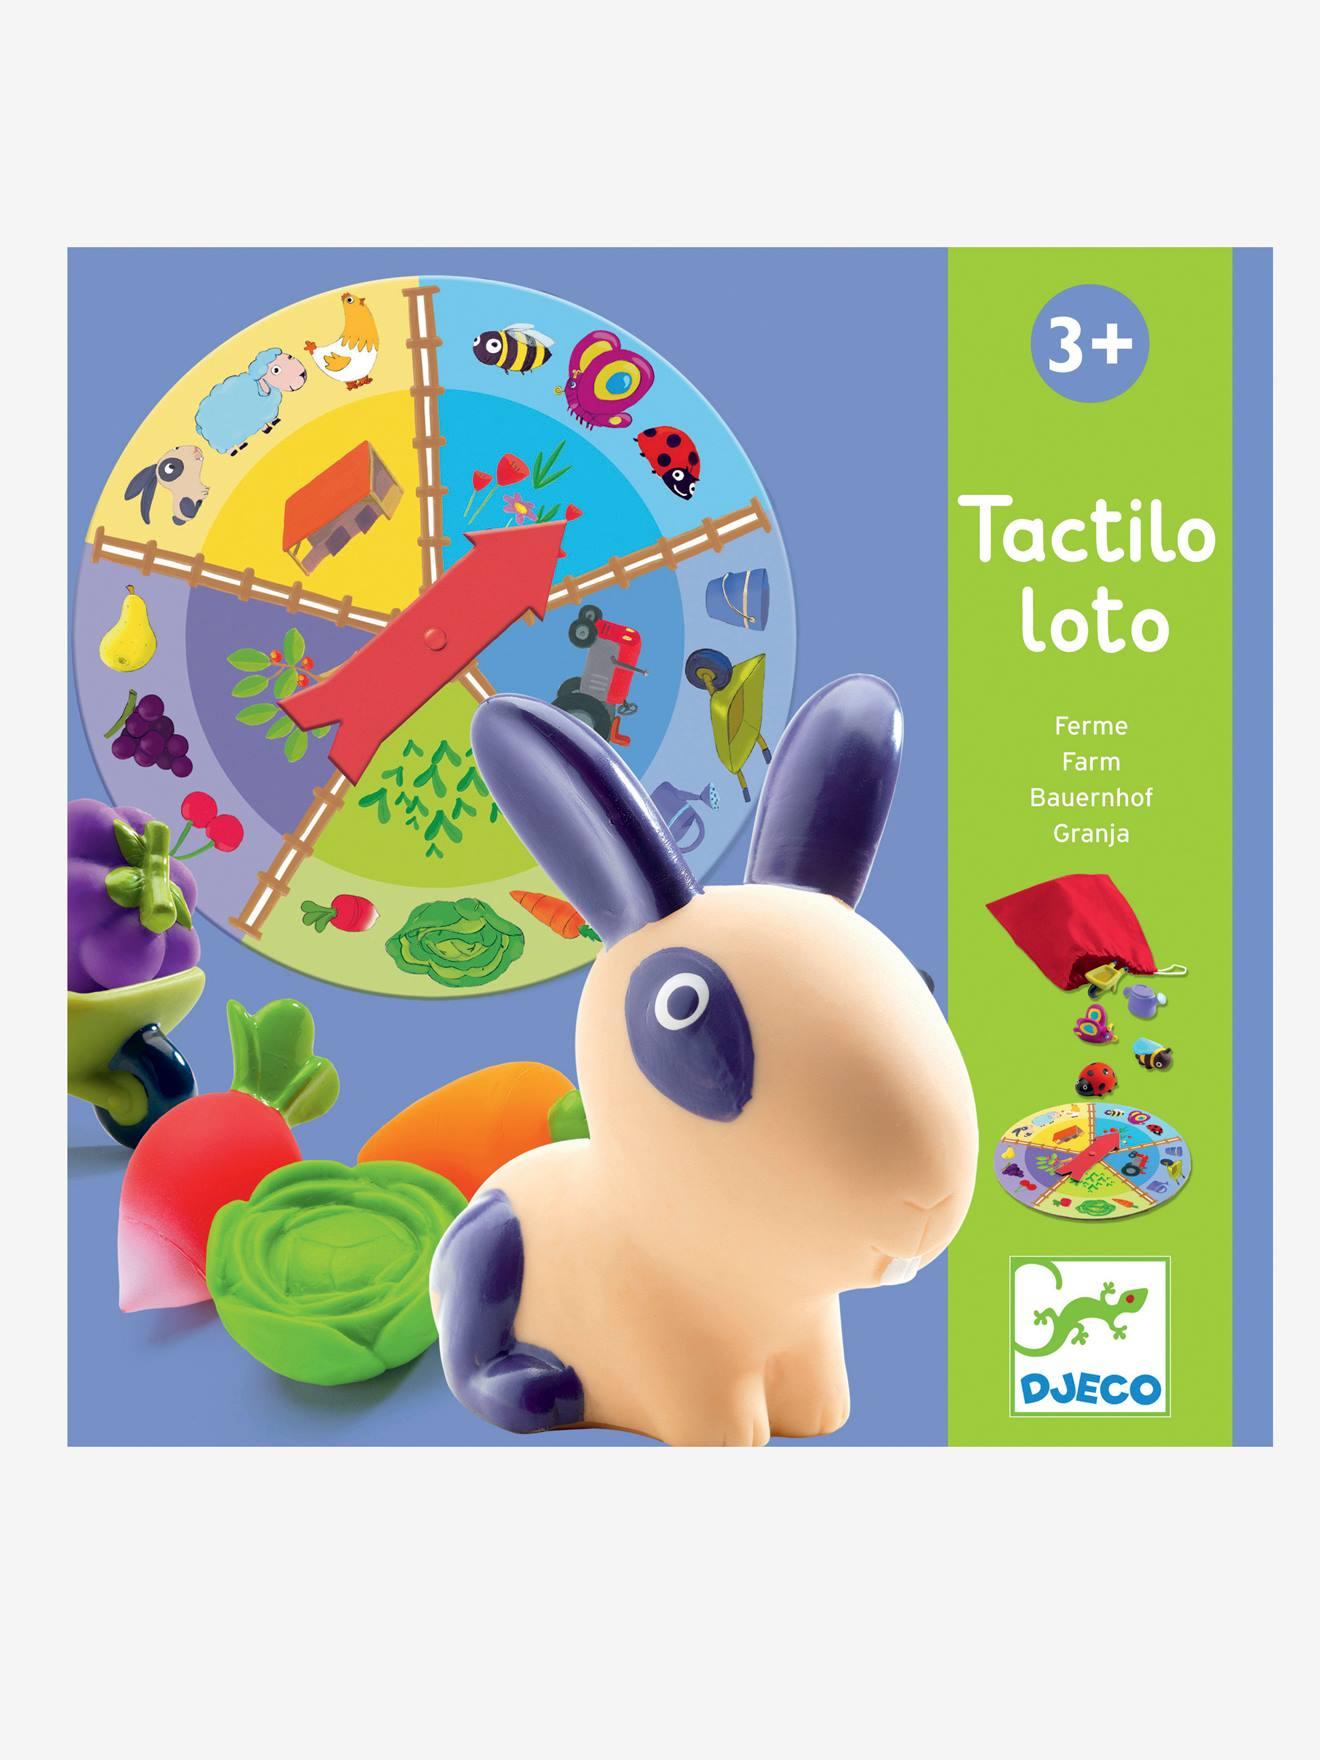 Tactilo loto ferme DJECO multicolore